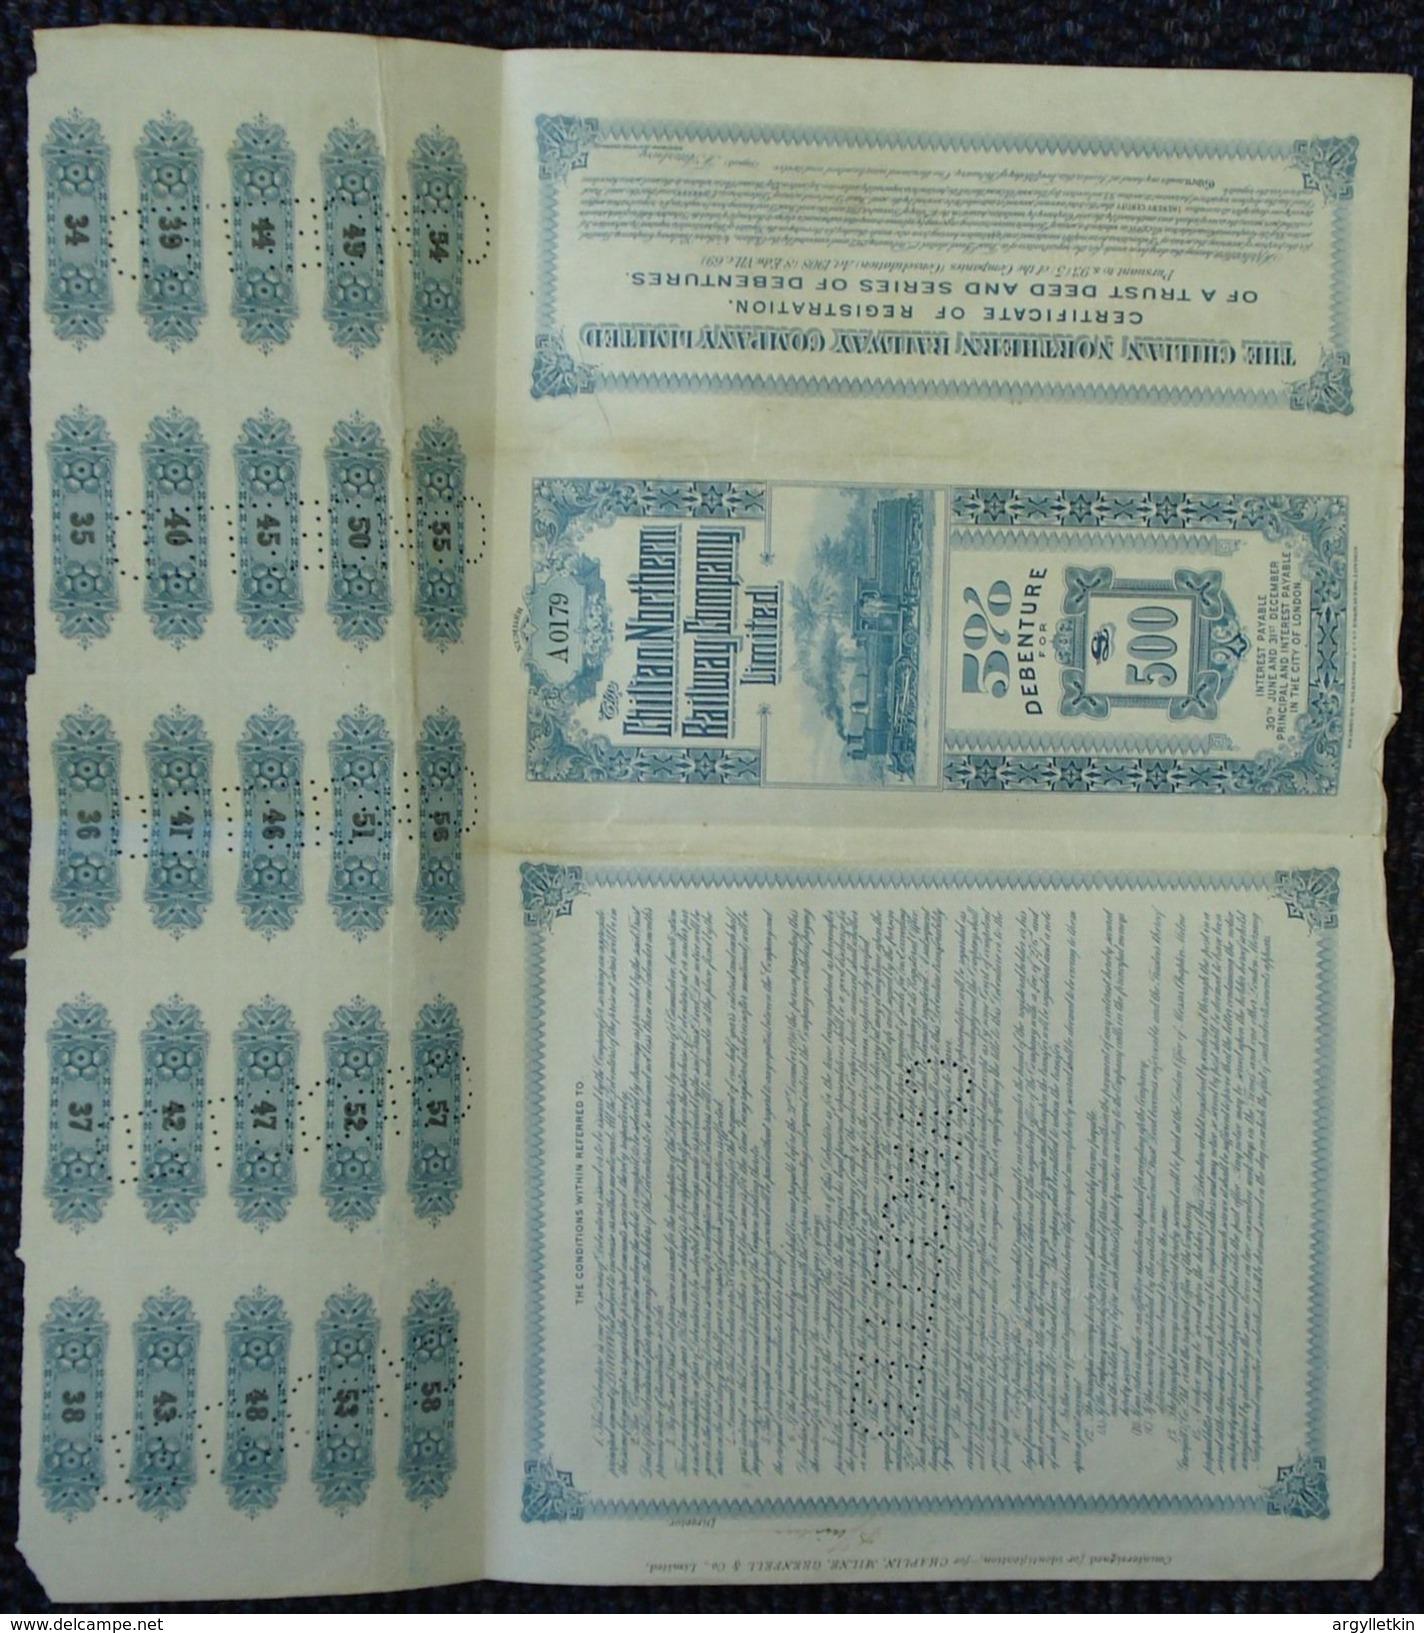 CHILE RAILWAY DEBENTURE SHARE CERTIFICATE STEAM RAILWAY TRAIN BRADBURY 1908 - Chile